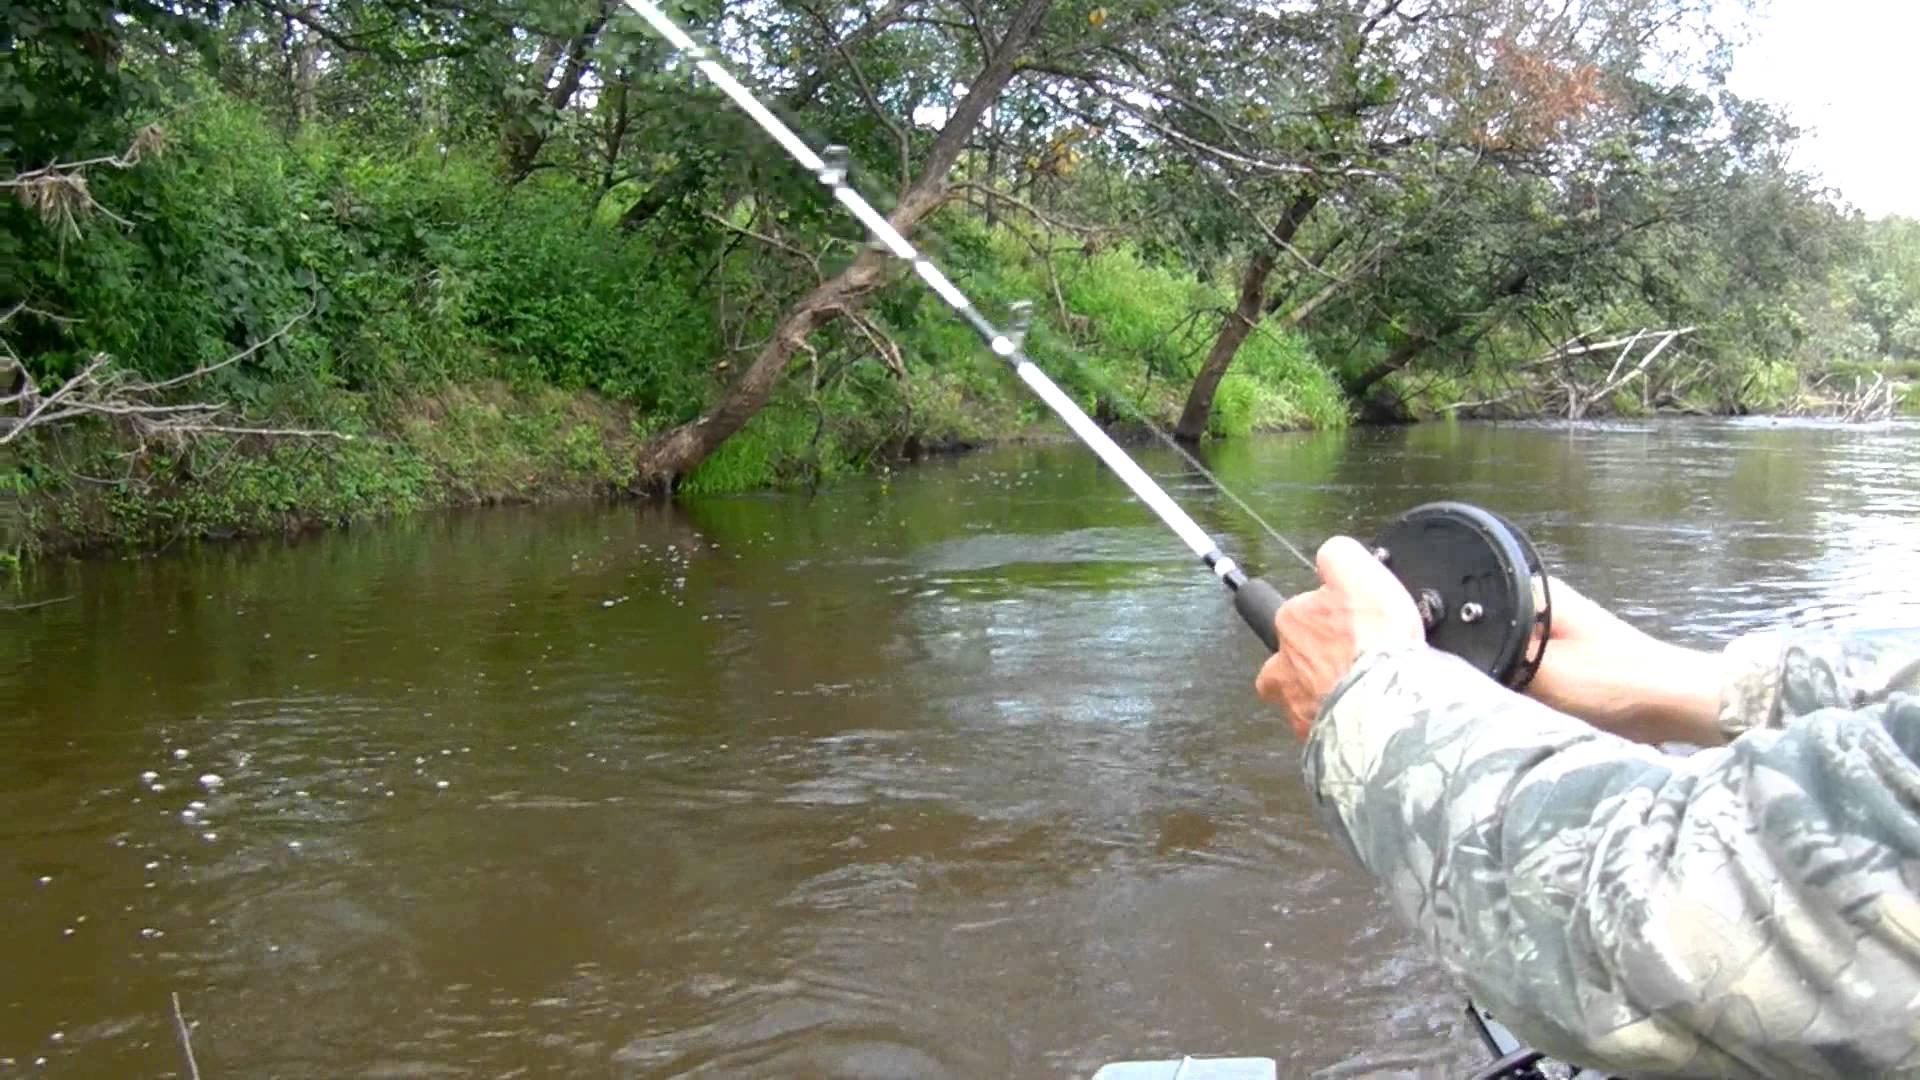 Ловля рыбы на спиннинг с инерционной катушкой